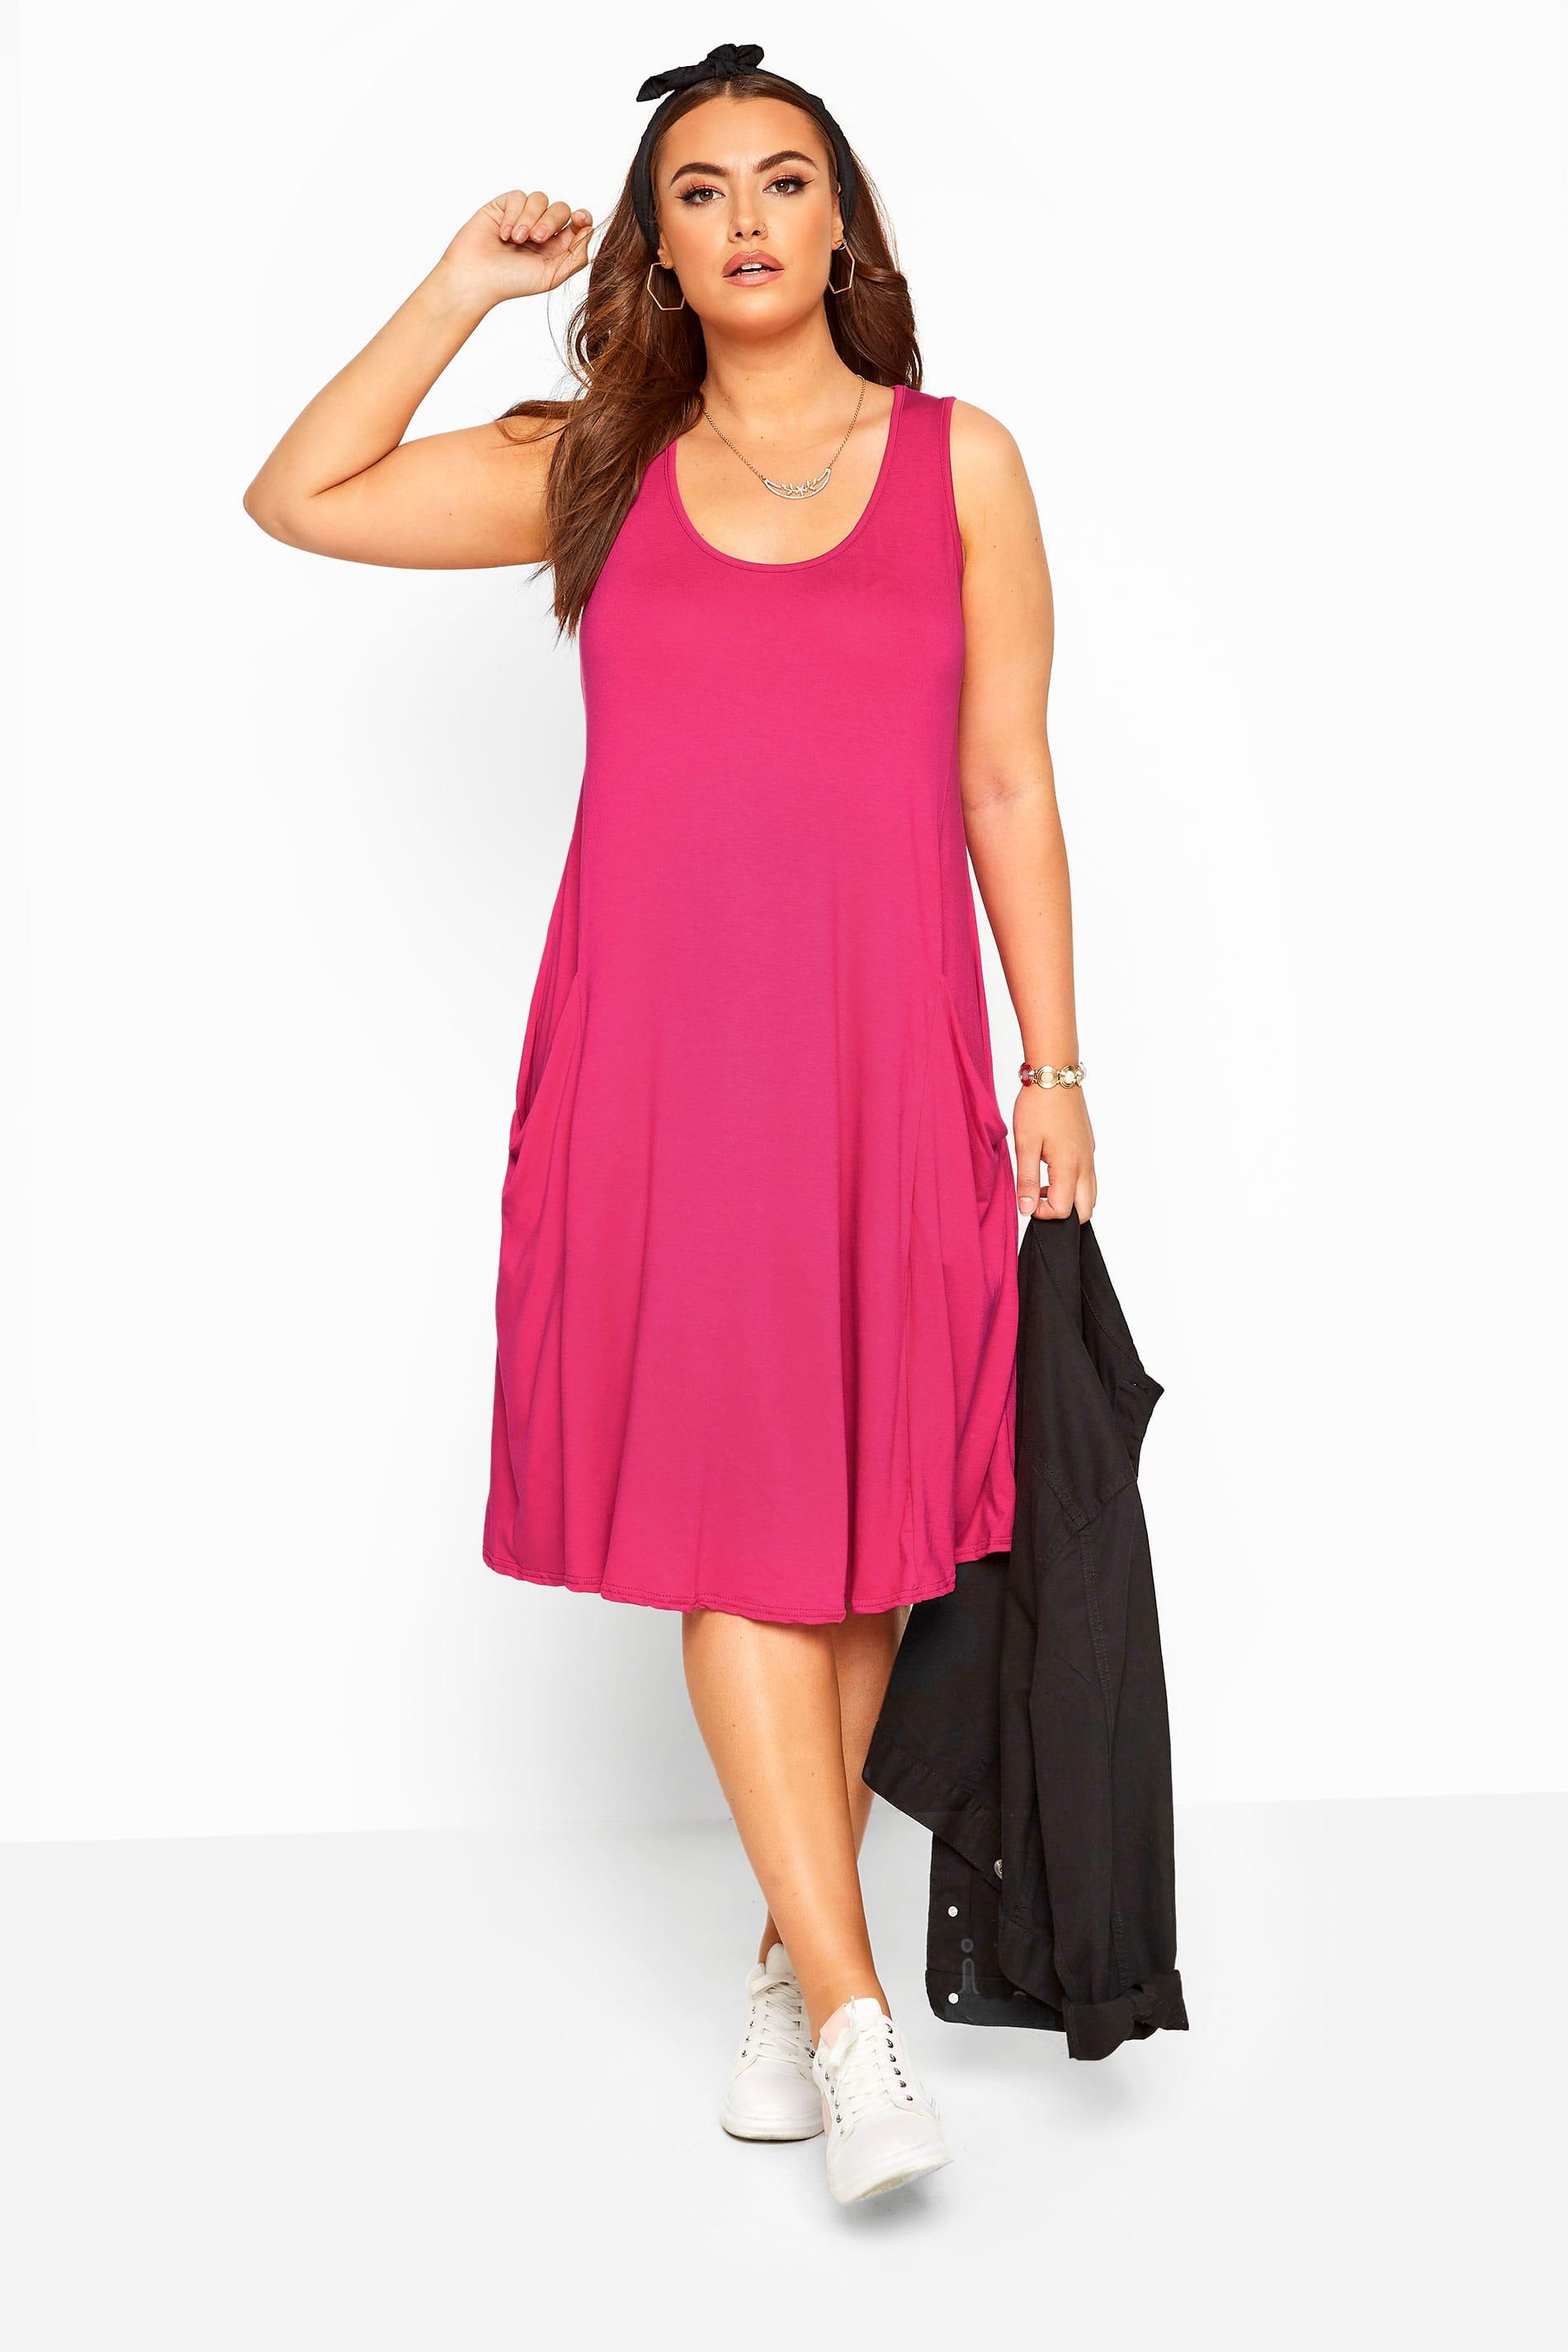 kleid mit taschen - hot pink